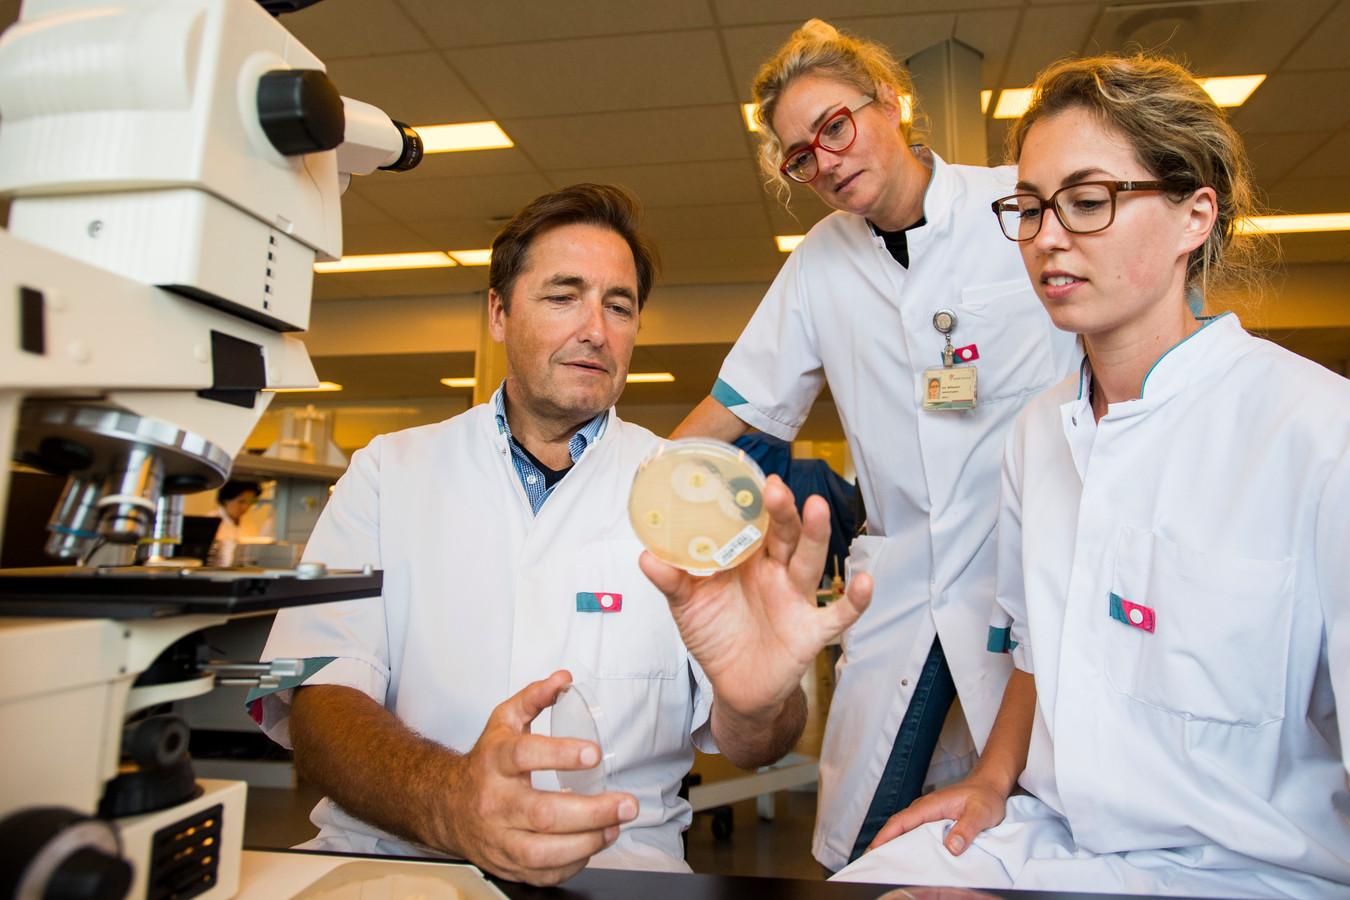 Jan Kluytmans bekijkt met twee collega's met Ina Willemsen (midden) en Bregje Mutsaers een kweek in het laboratorium (archieffoto).